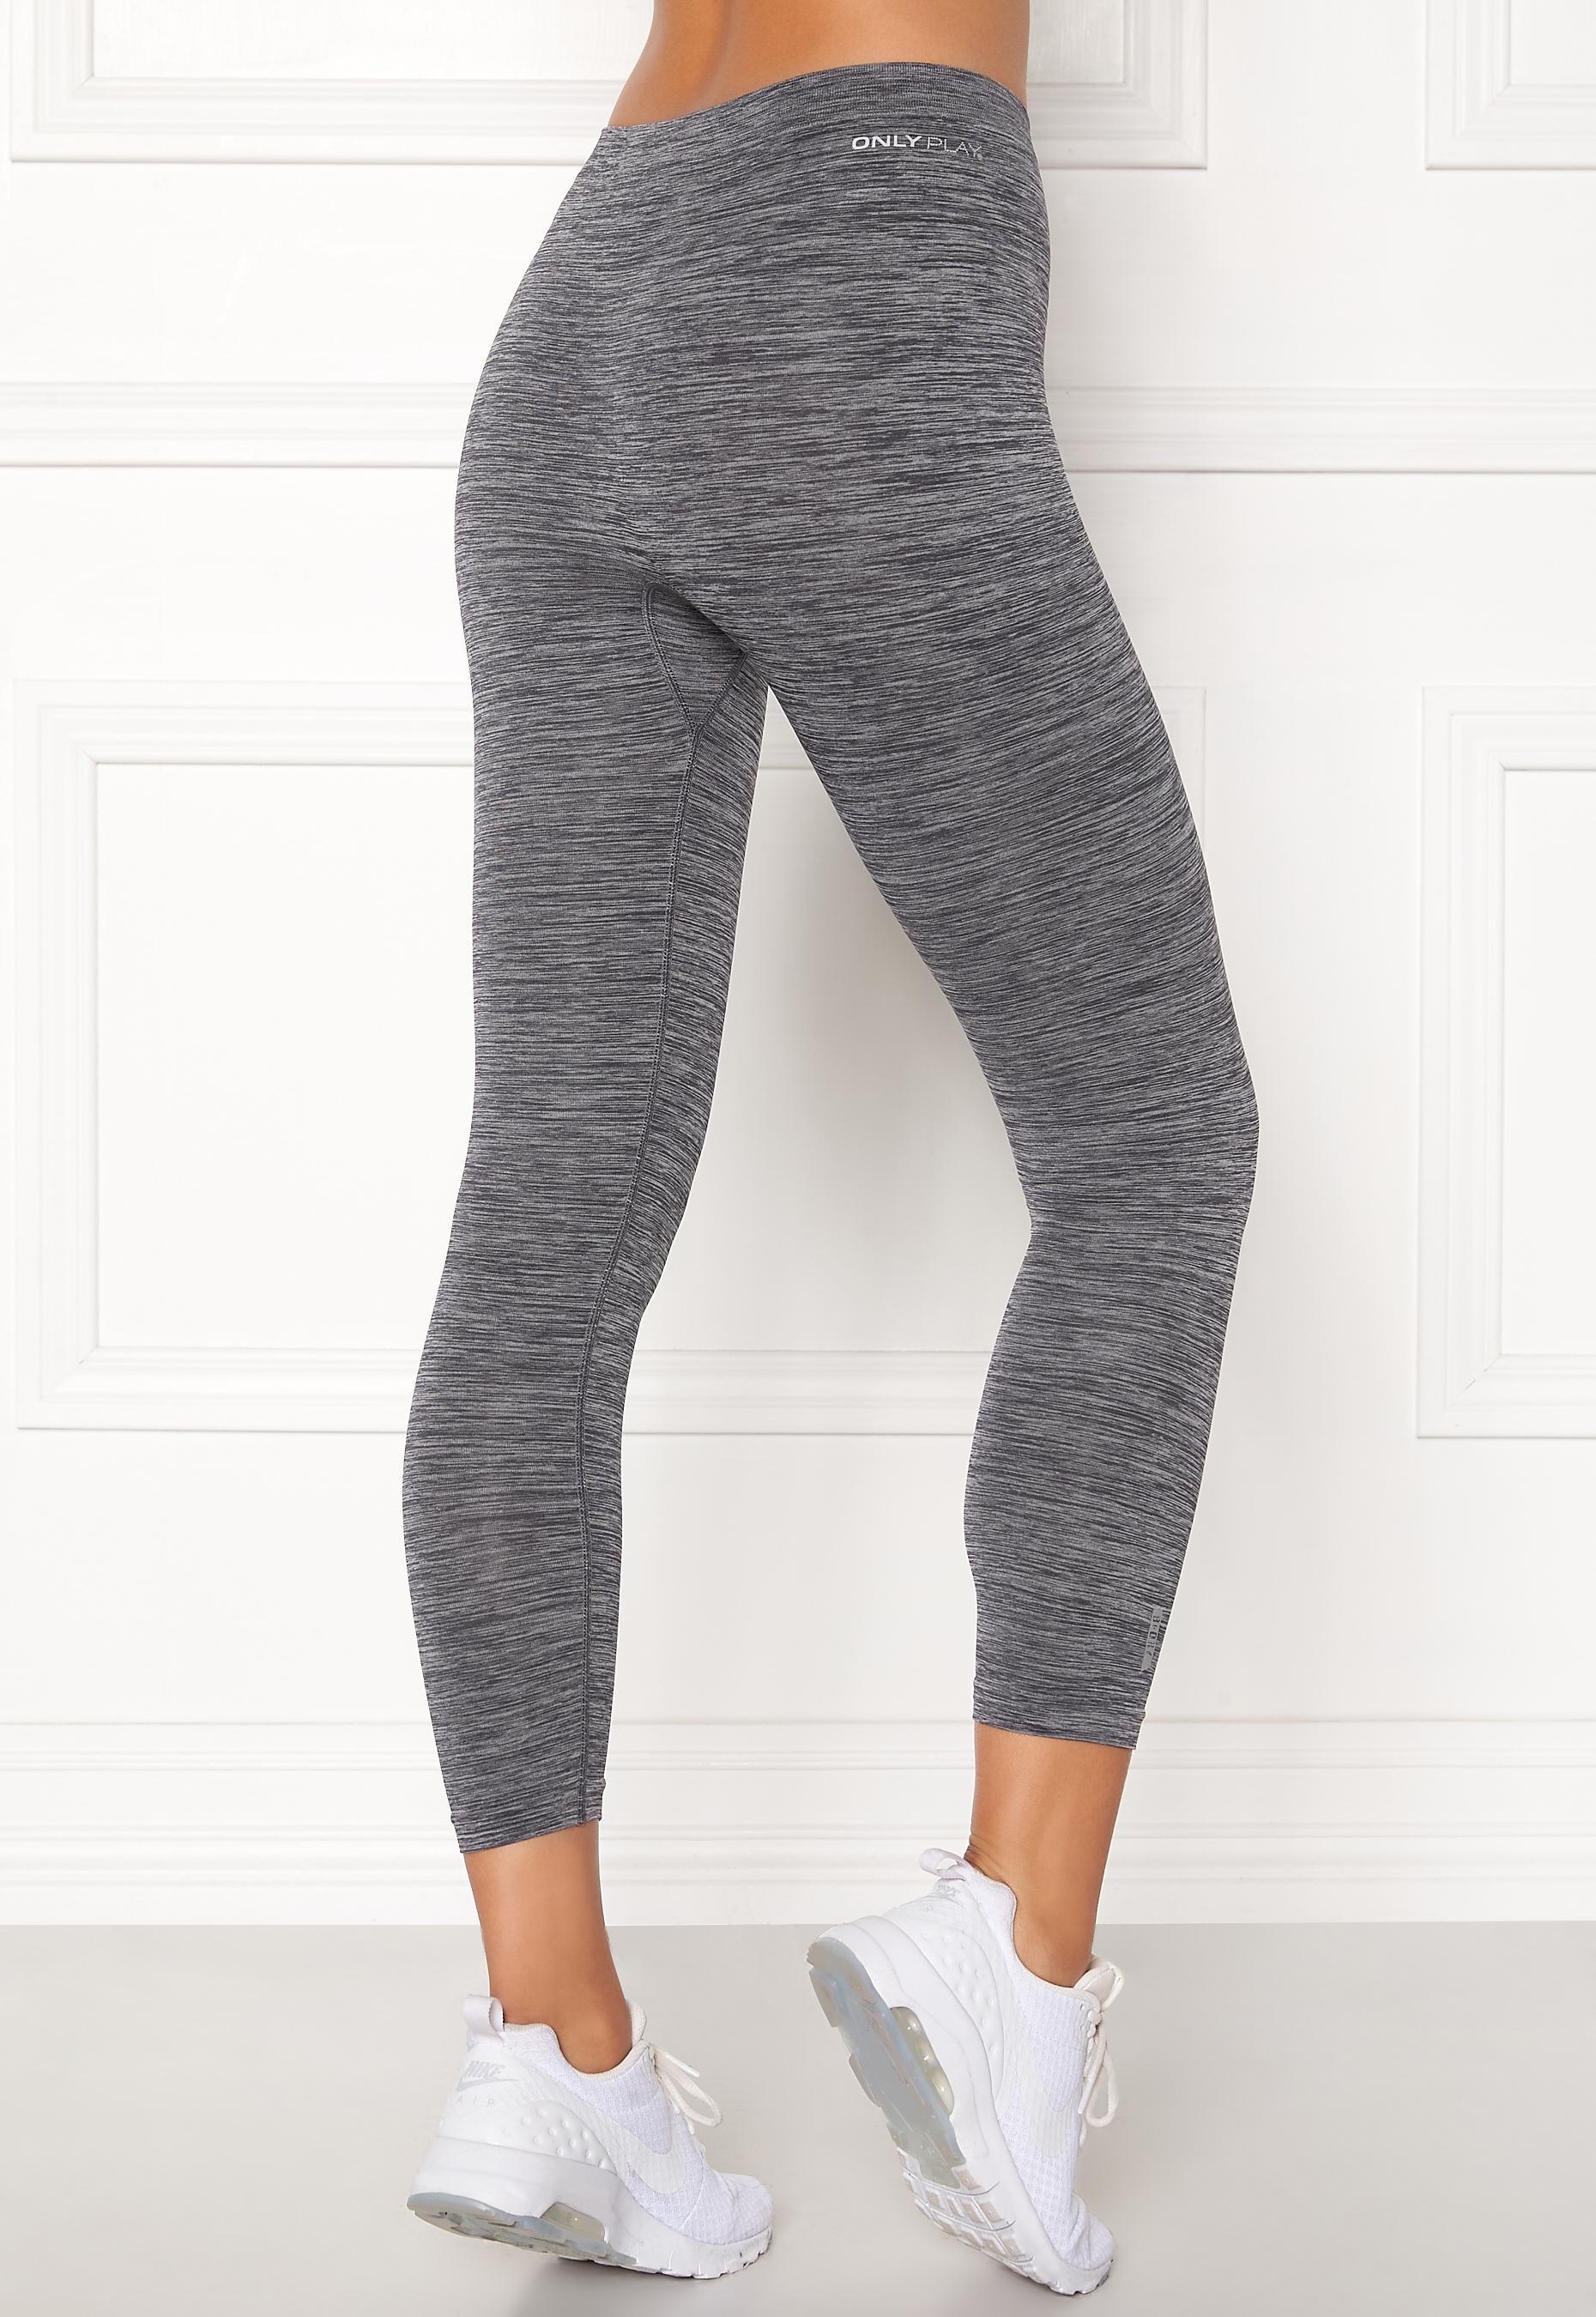 Ebony in tights